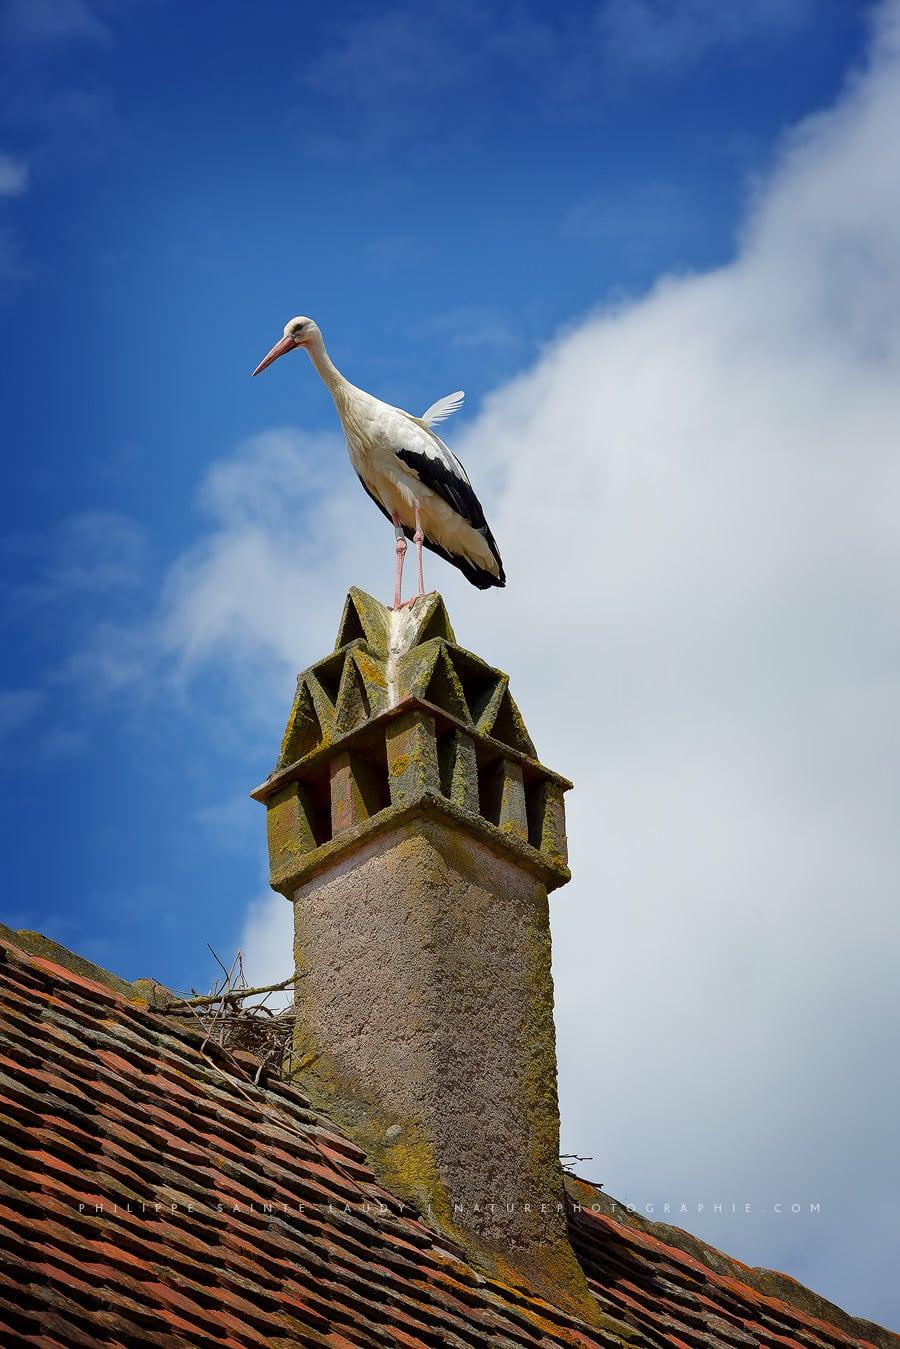 Stork on hold